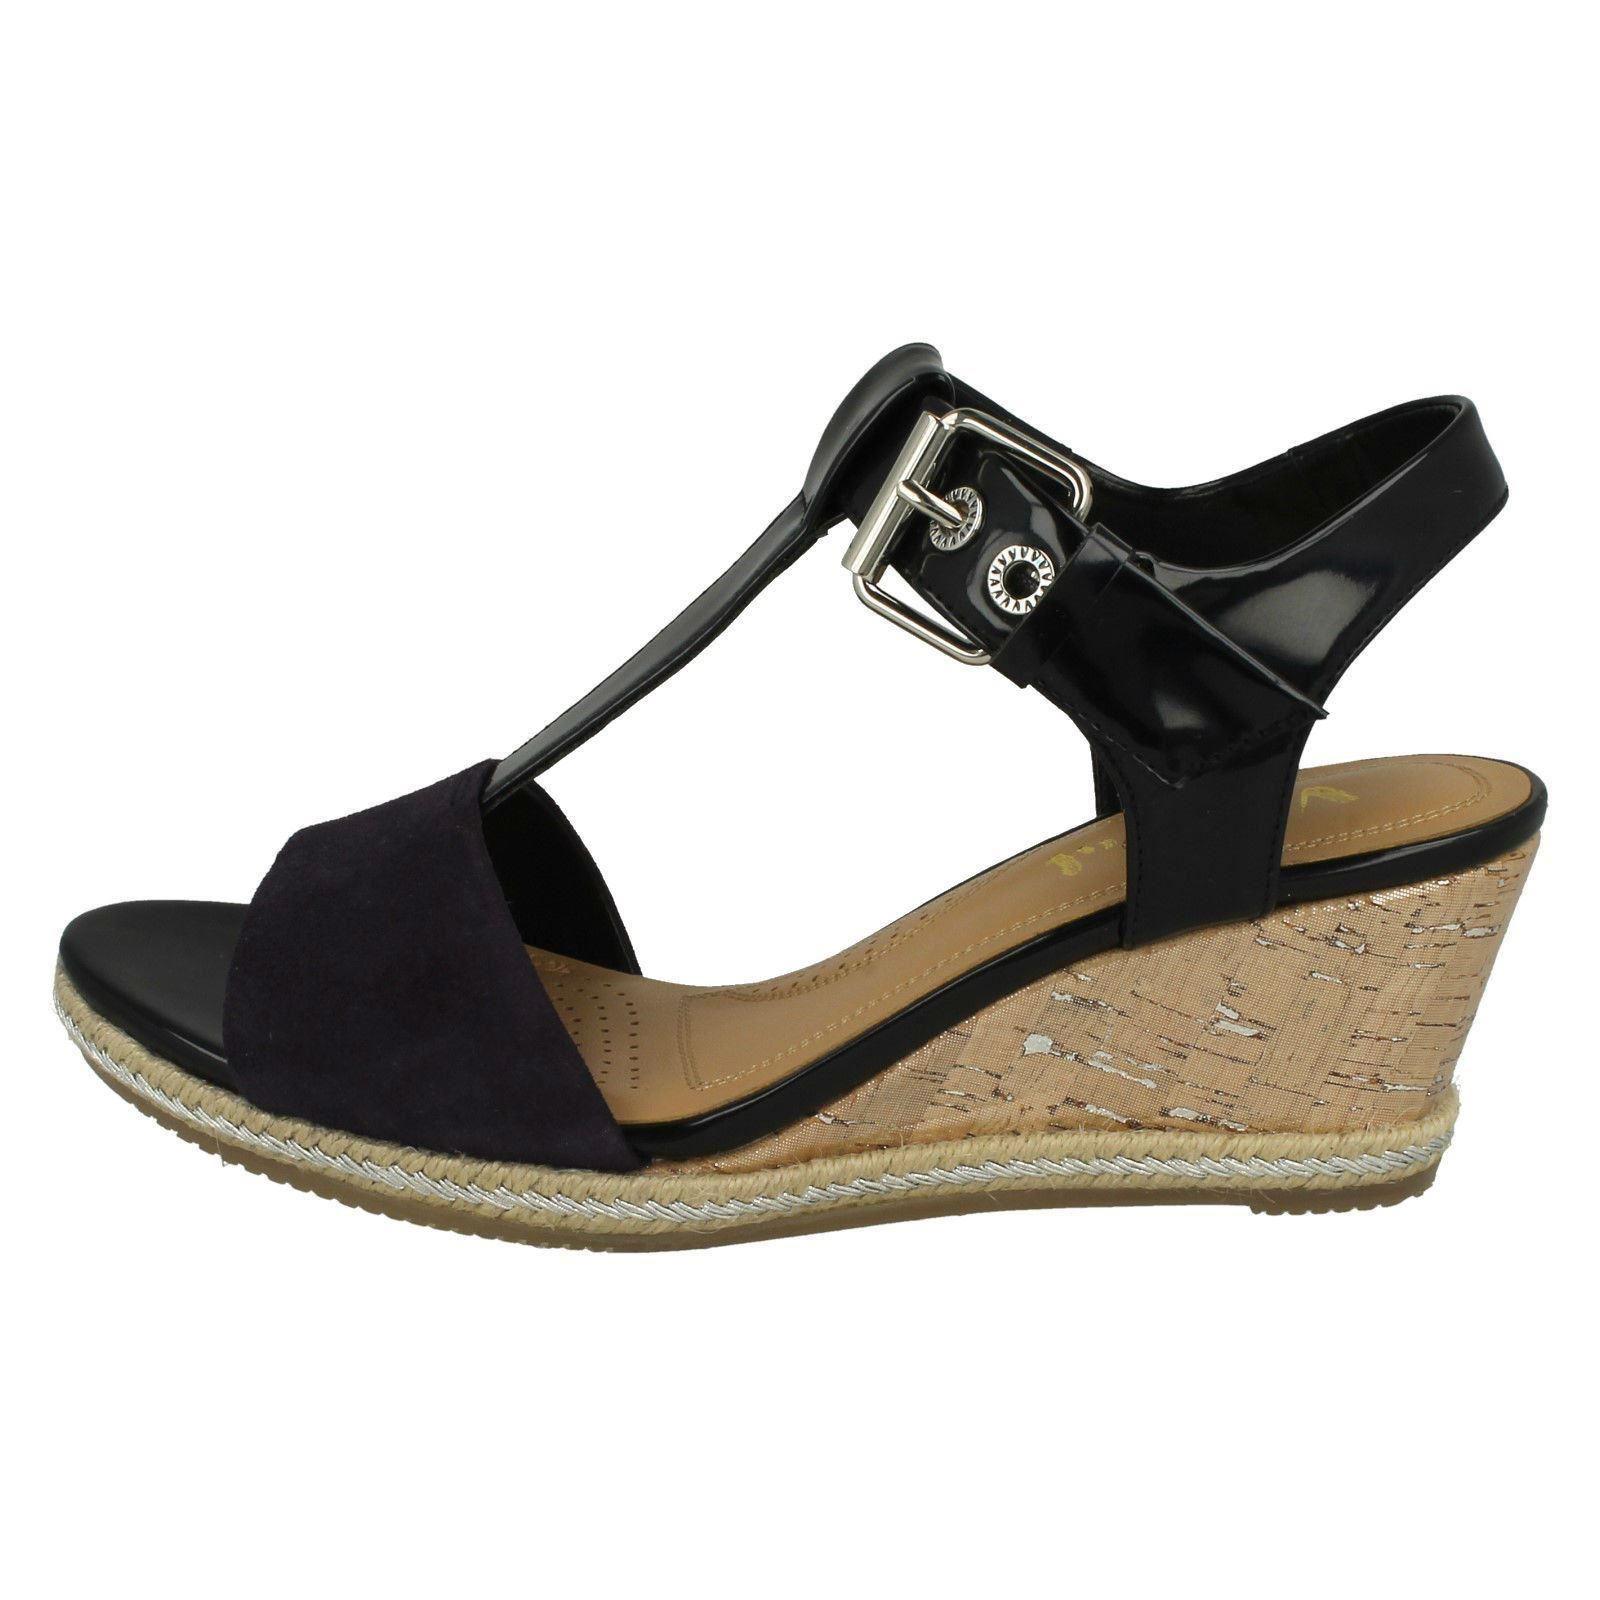 Ladies-Van-Dal-Wedged-Heel-Sandals-Jordan thumbnail 6